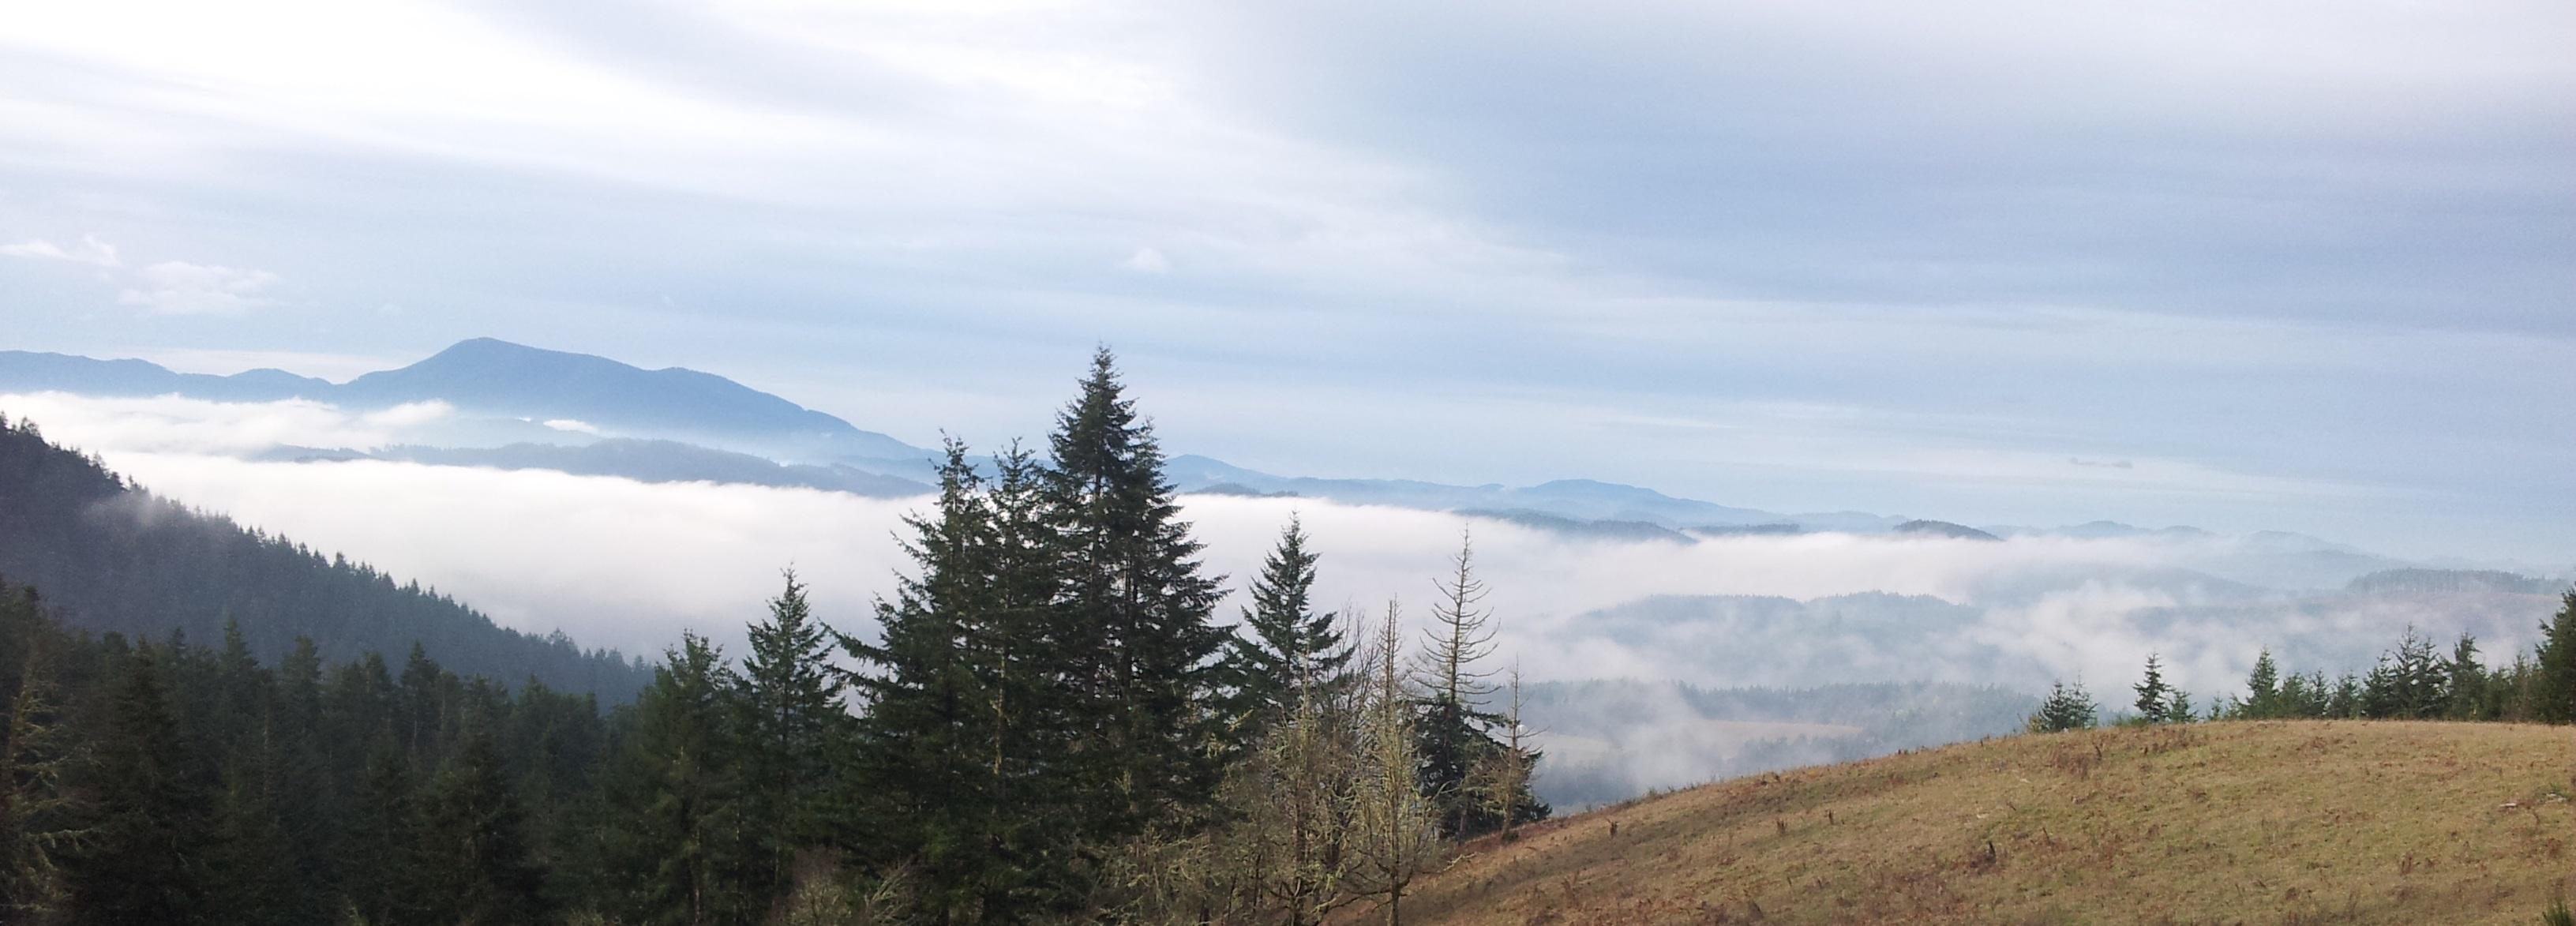 Benton County Property Taxes Oregon